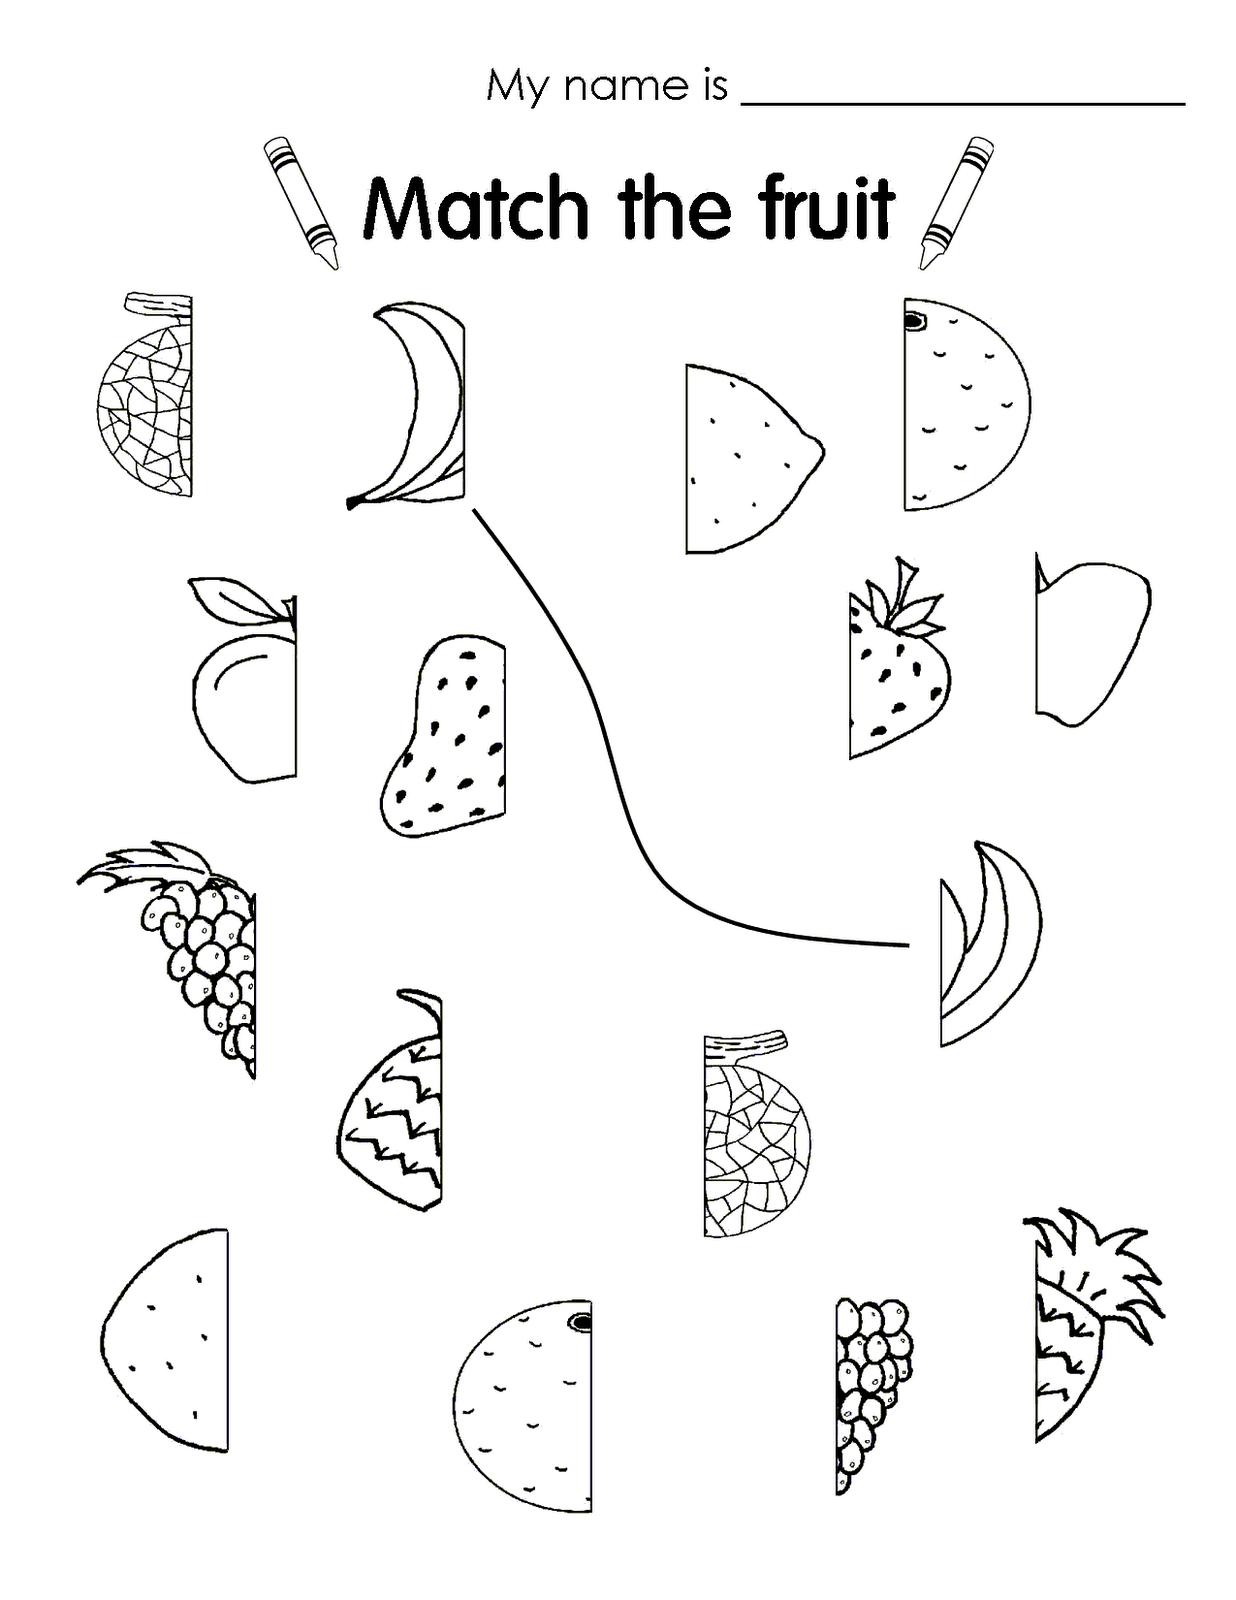 Imágenes Para Colorear De Frutas En Inglés Imagui